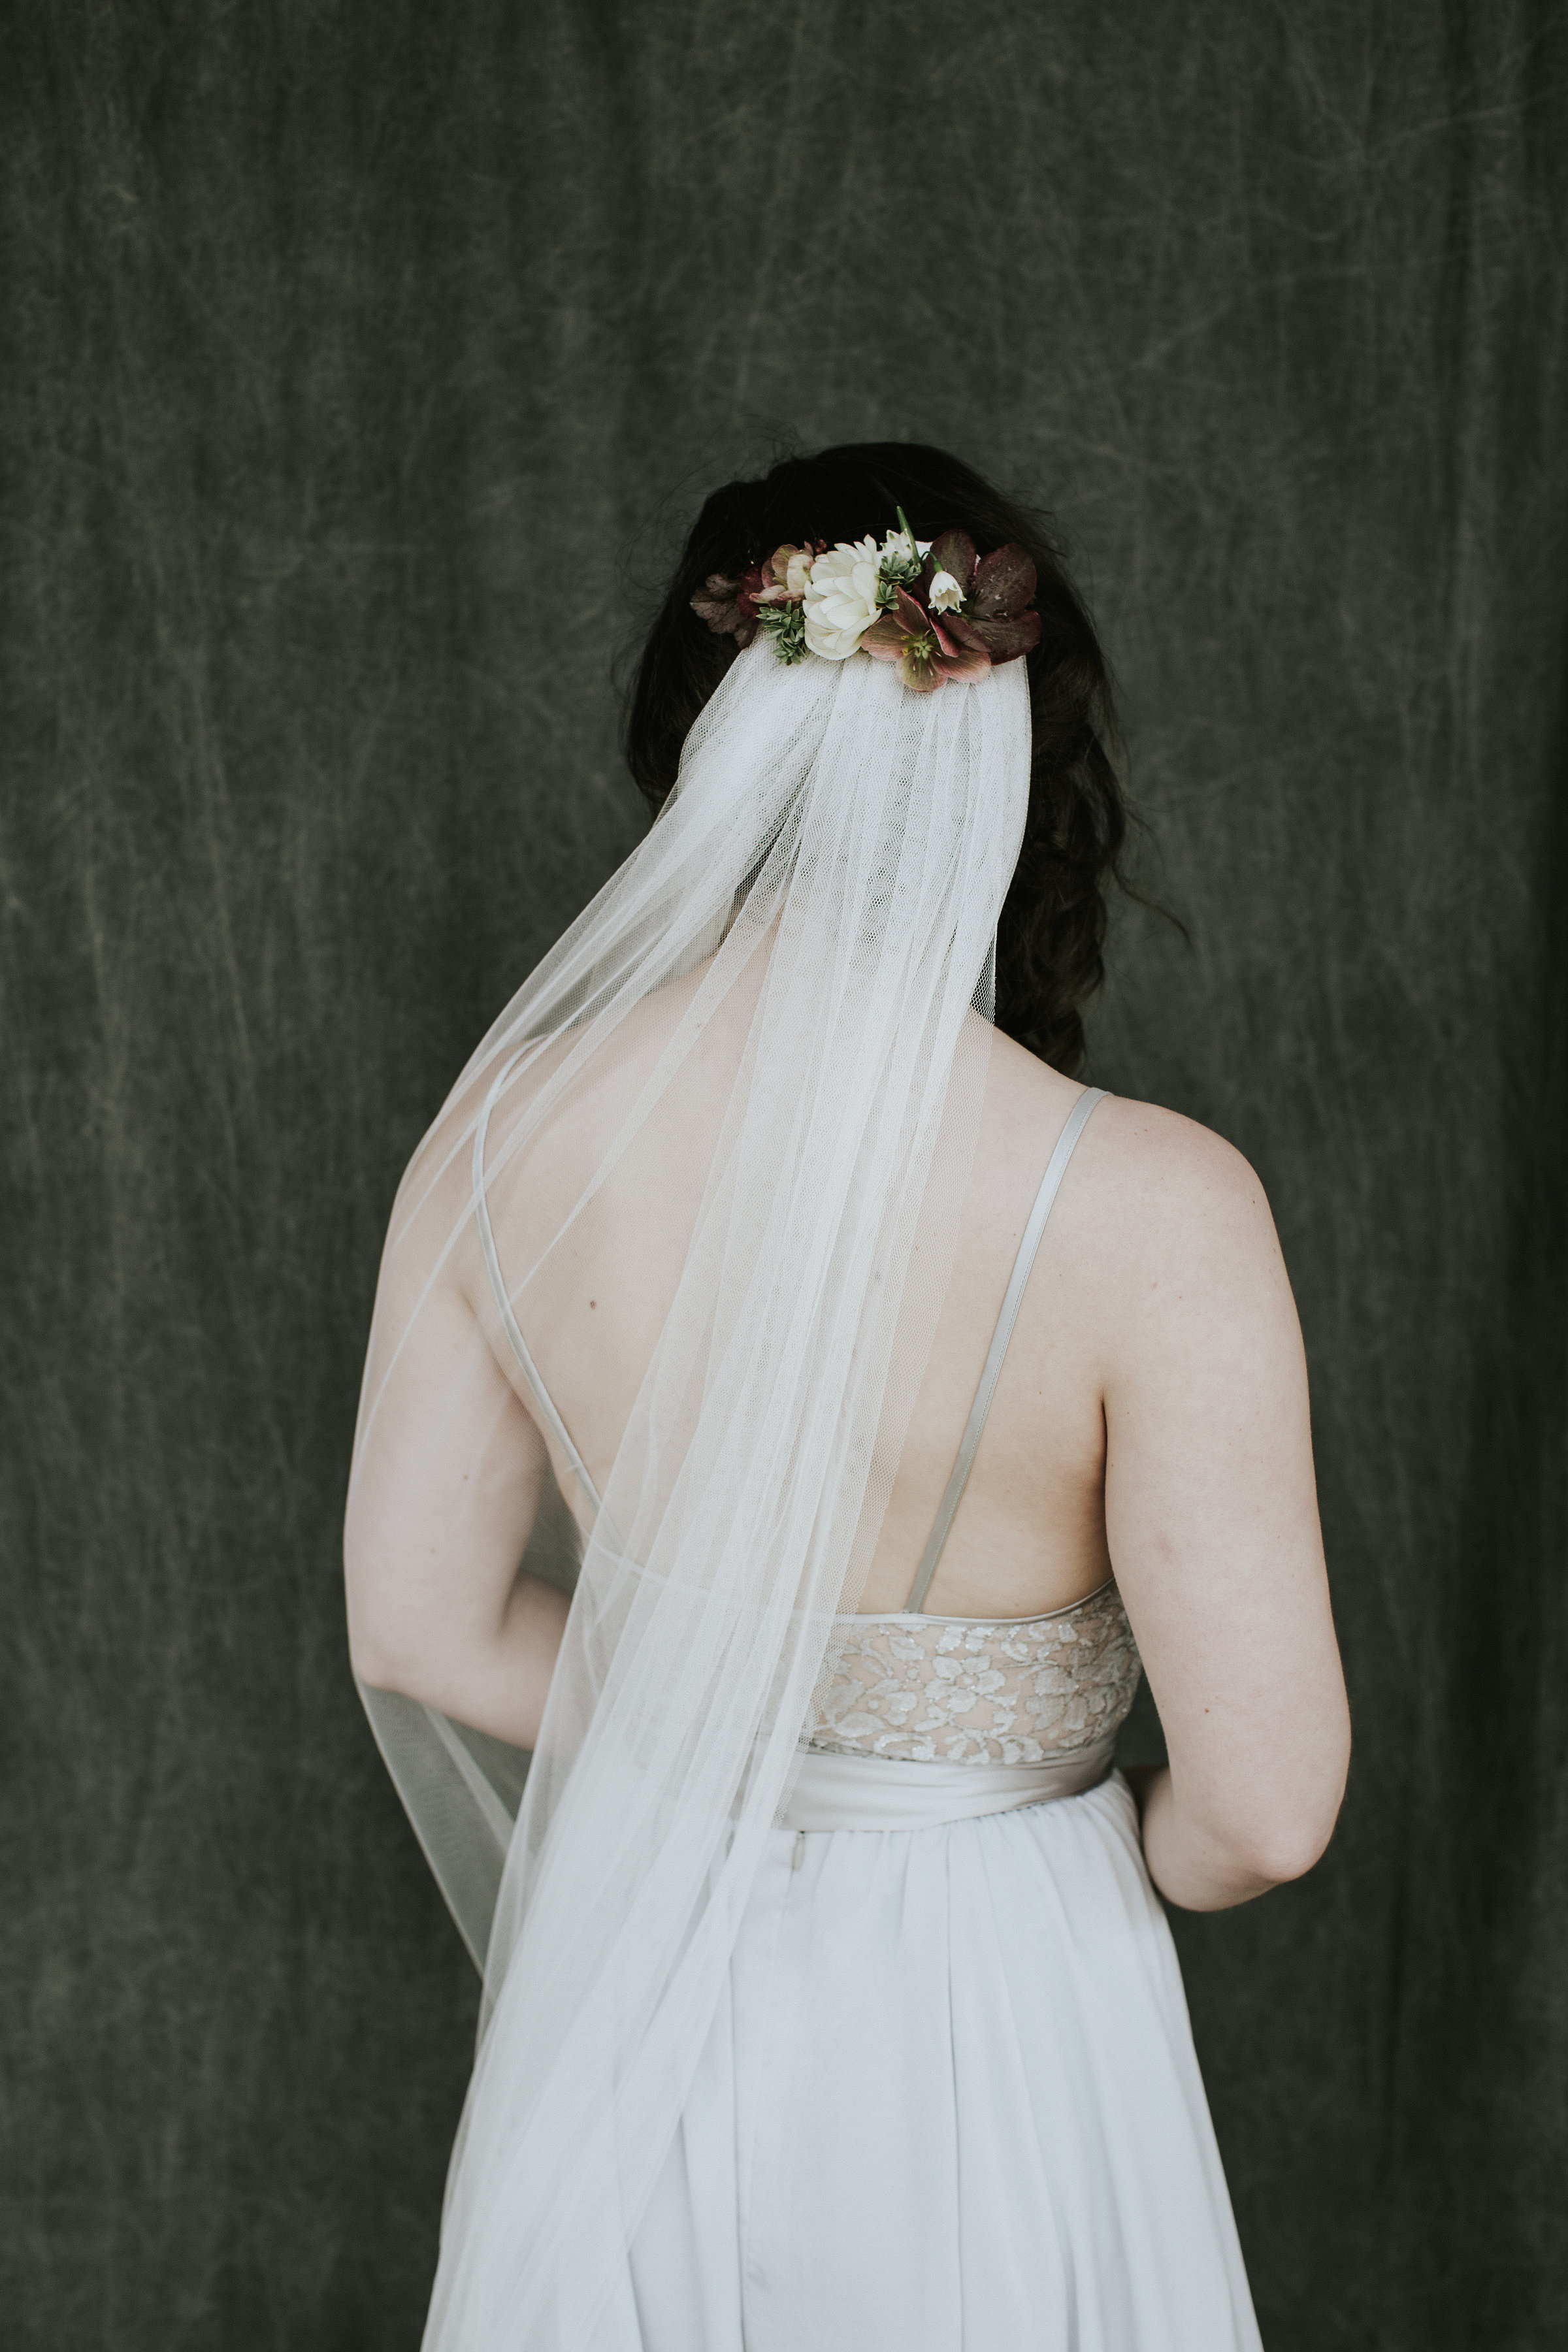 Flowers on bridal veil